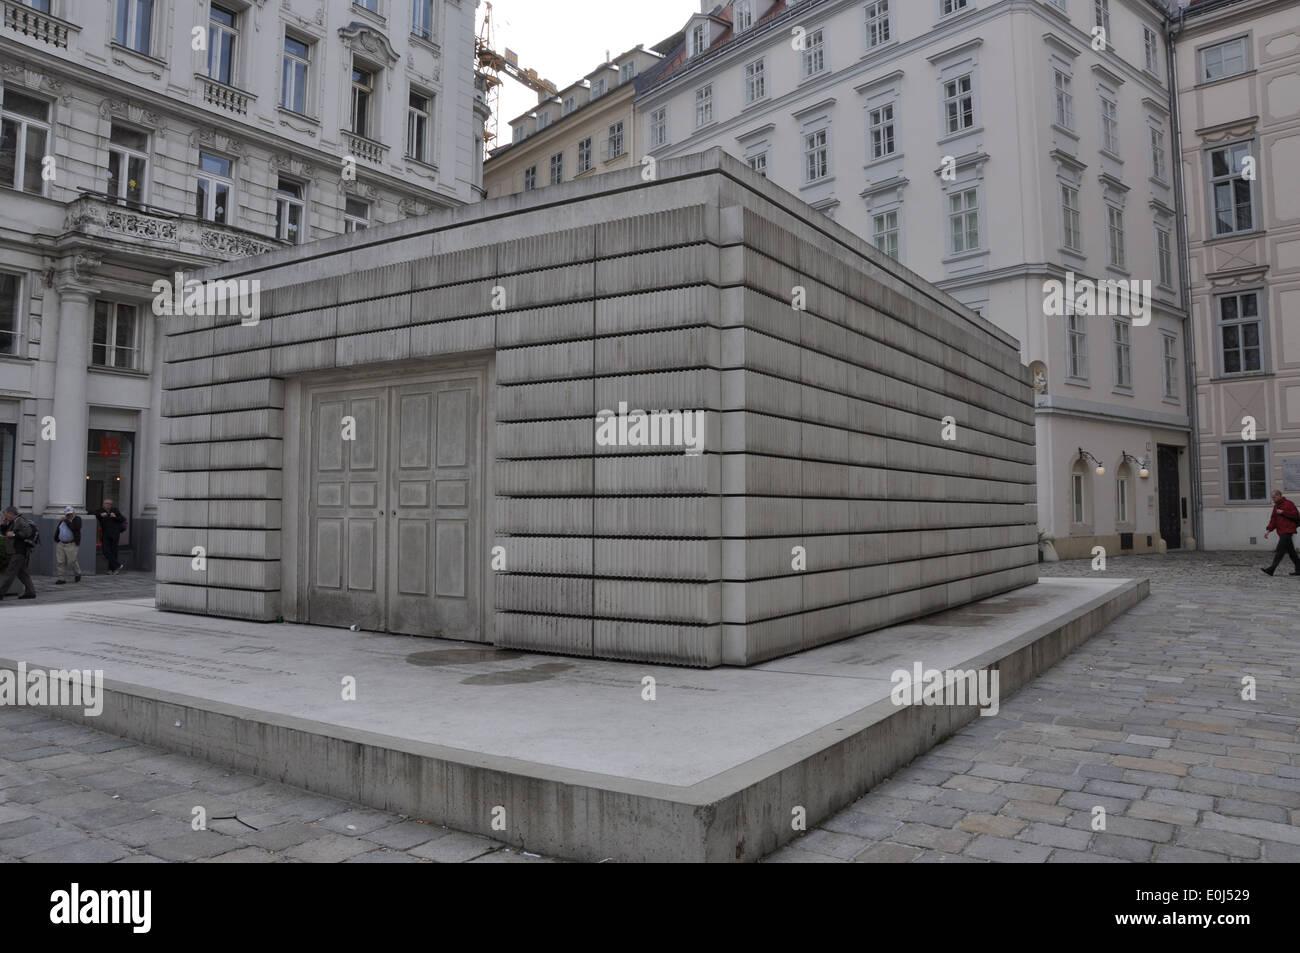 Judenplatz Holocaust Memorial, Vienna. Stock Photo